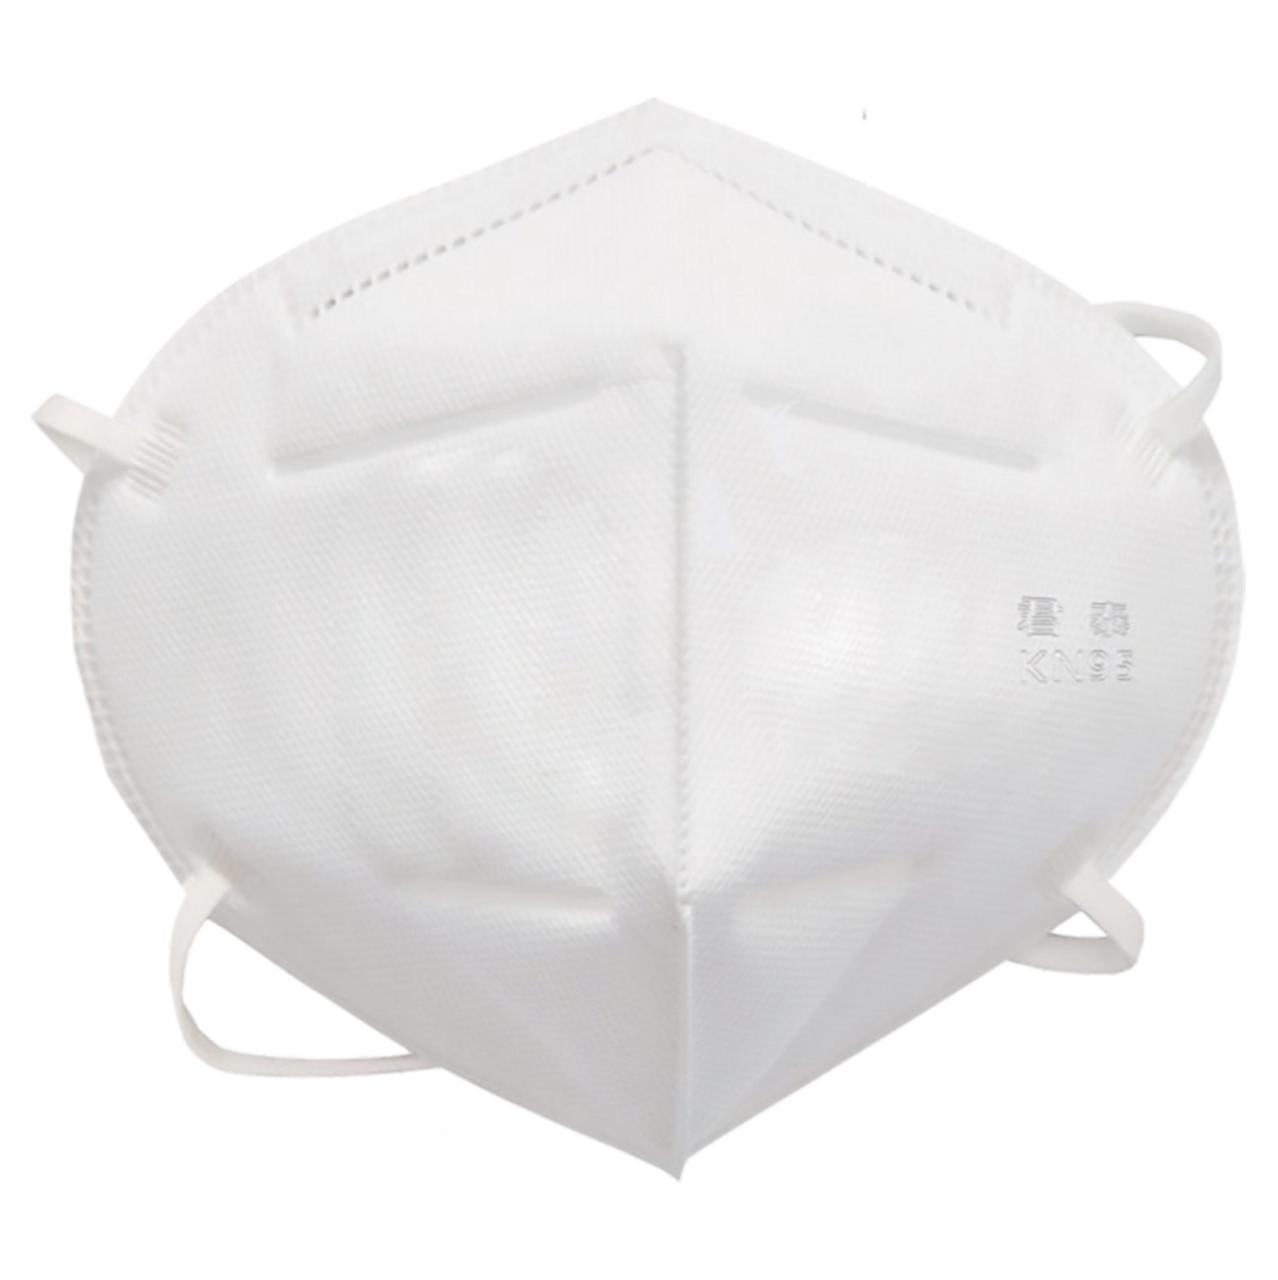 KN95 FDA Masks